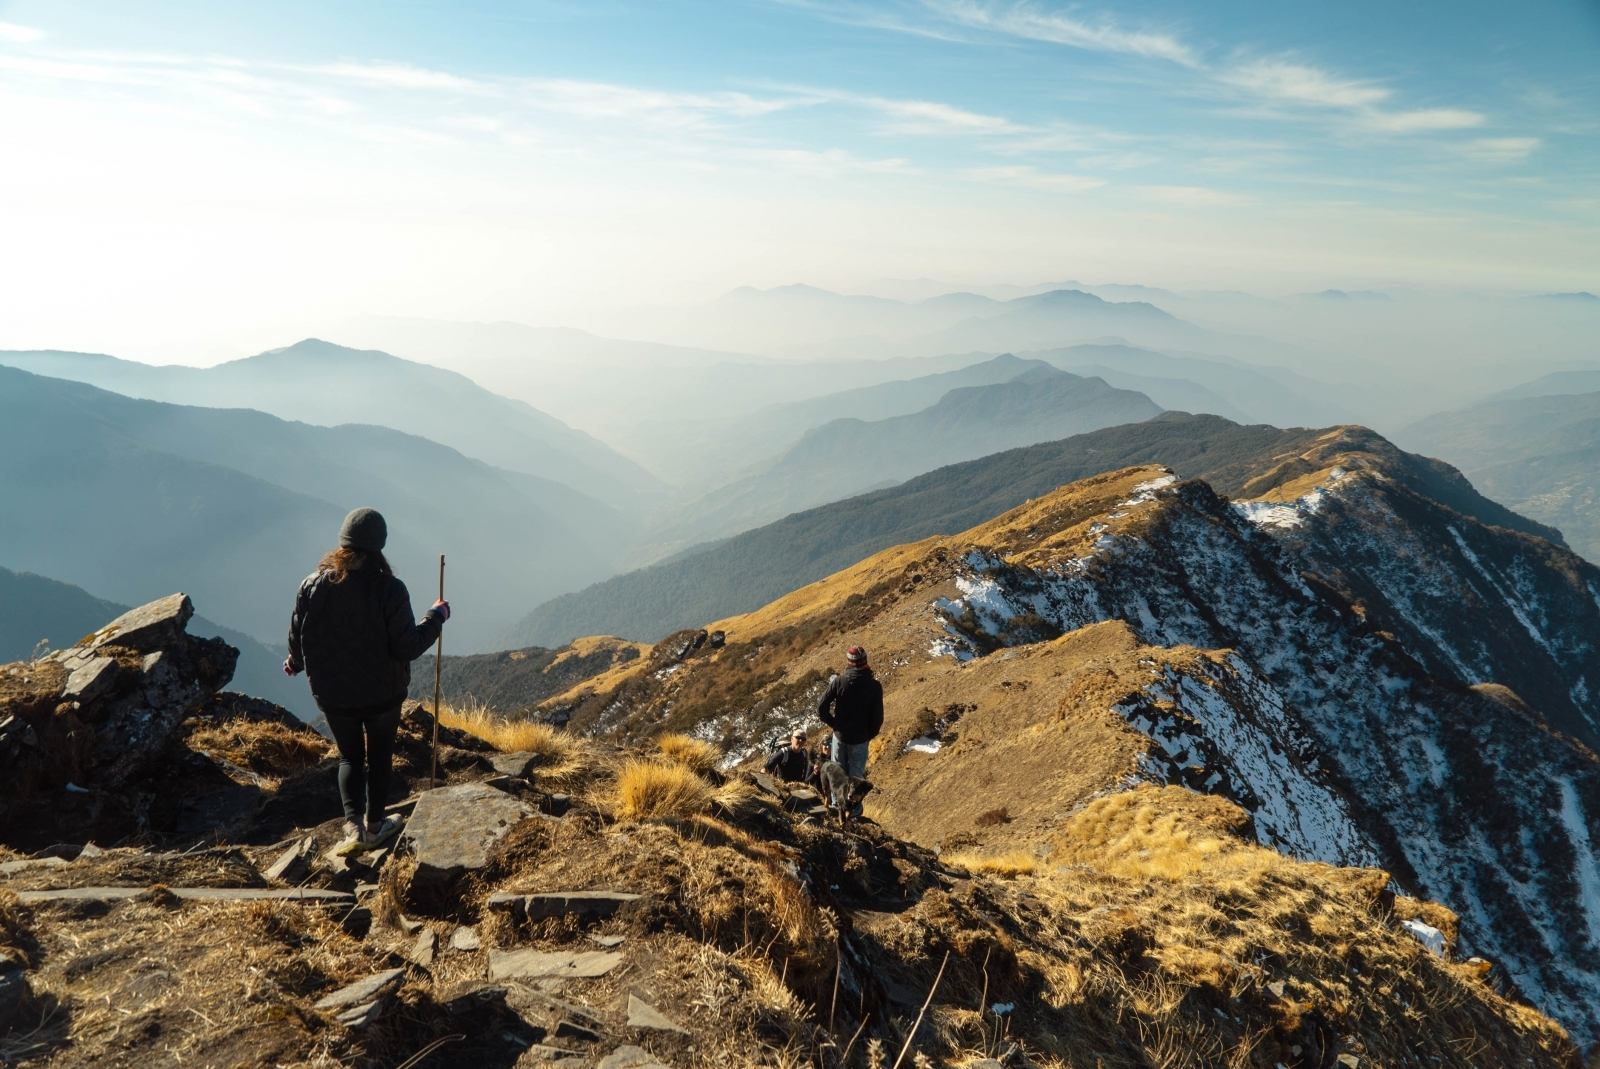 Zwei Menschen wandern auf Gebirgspass